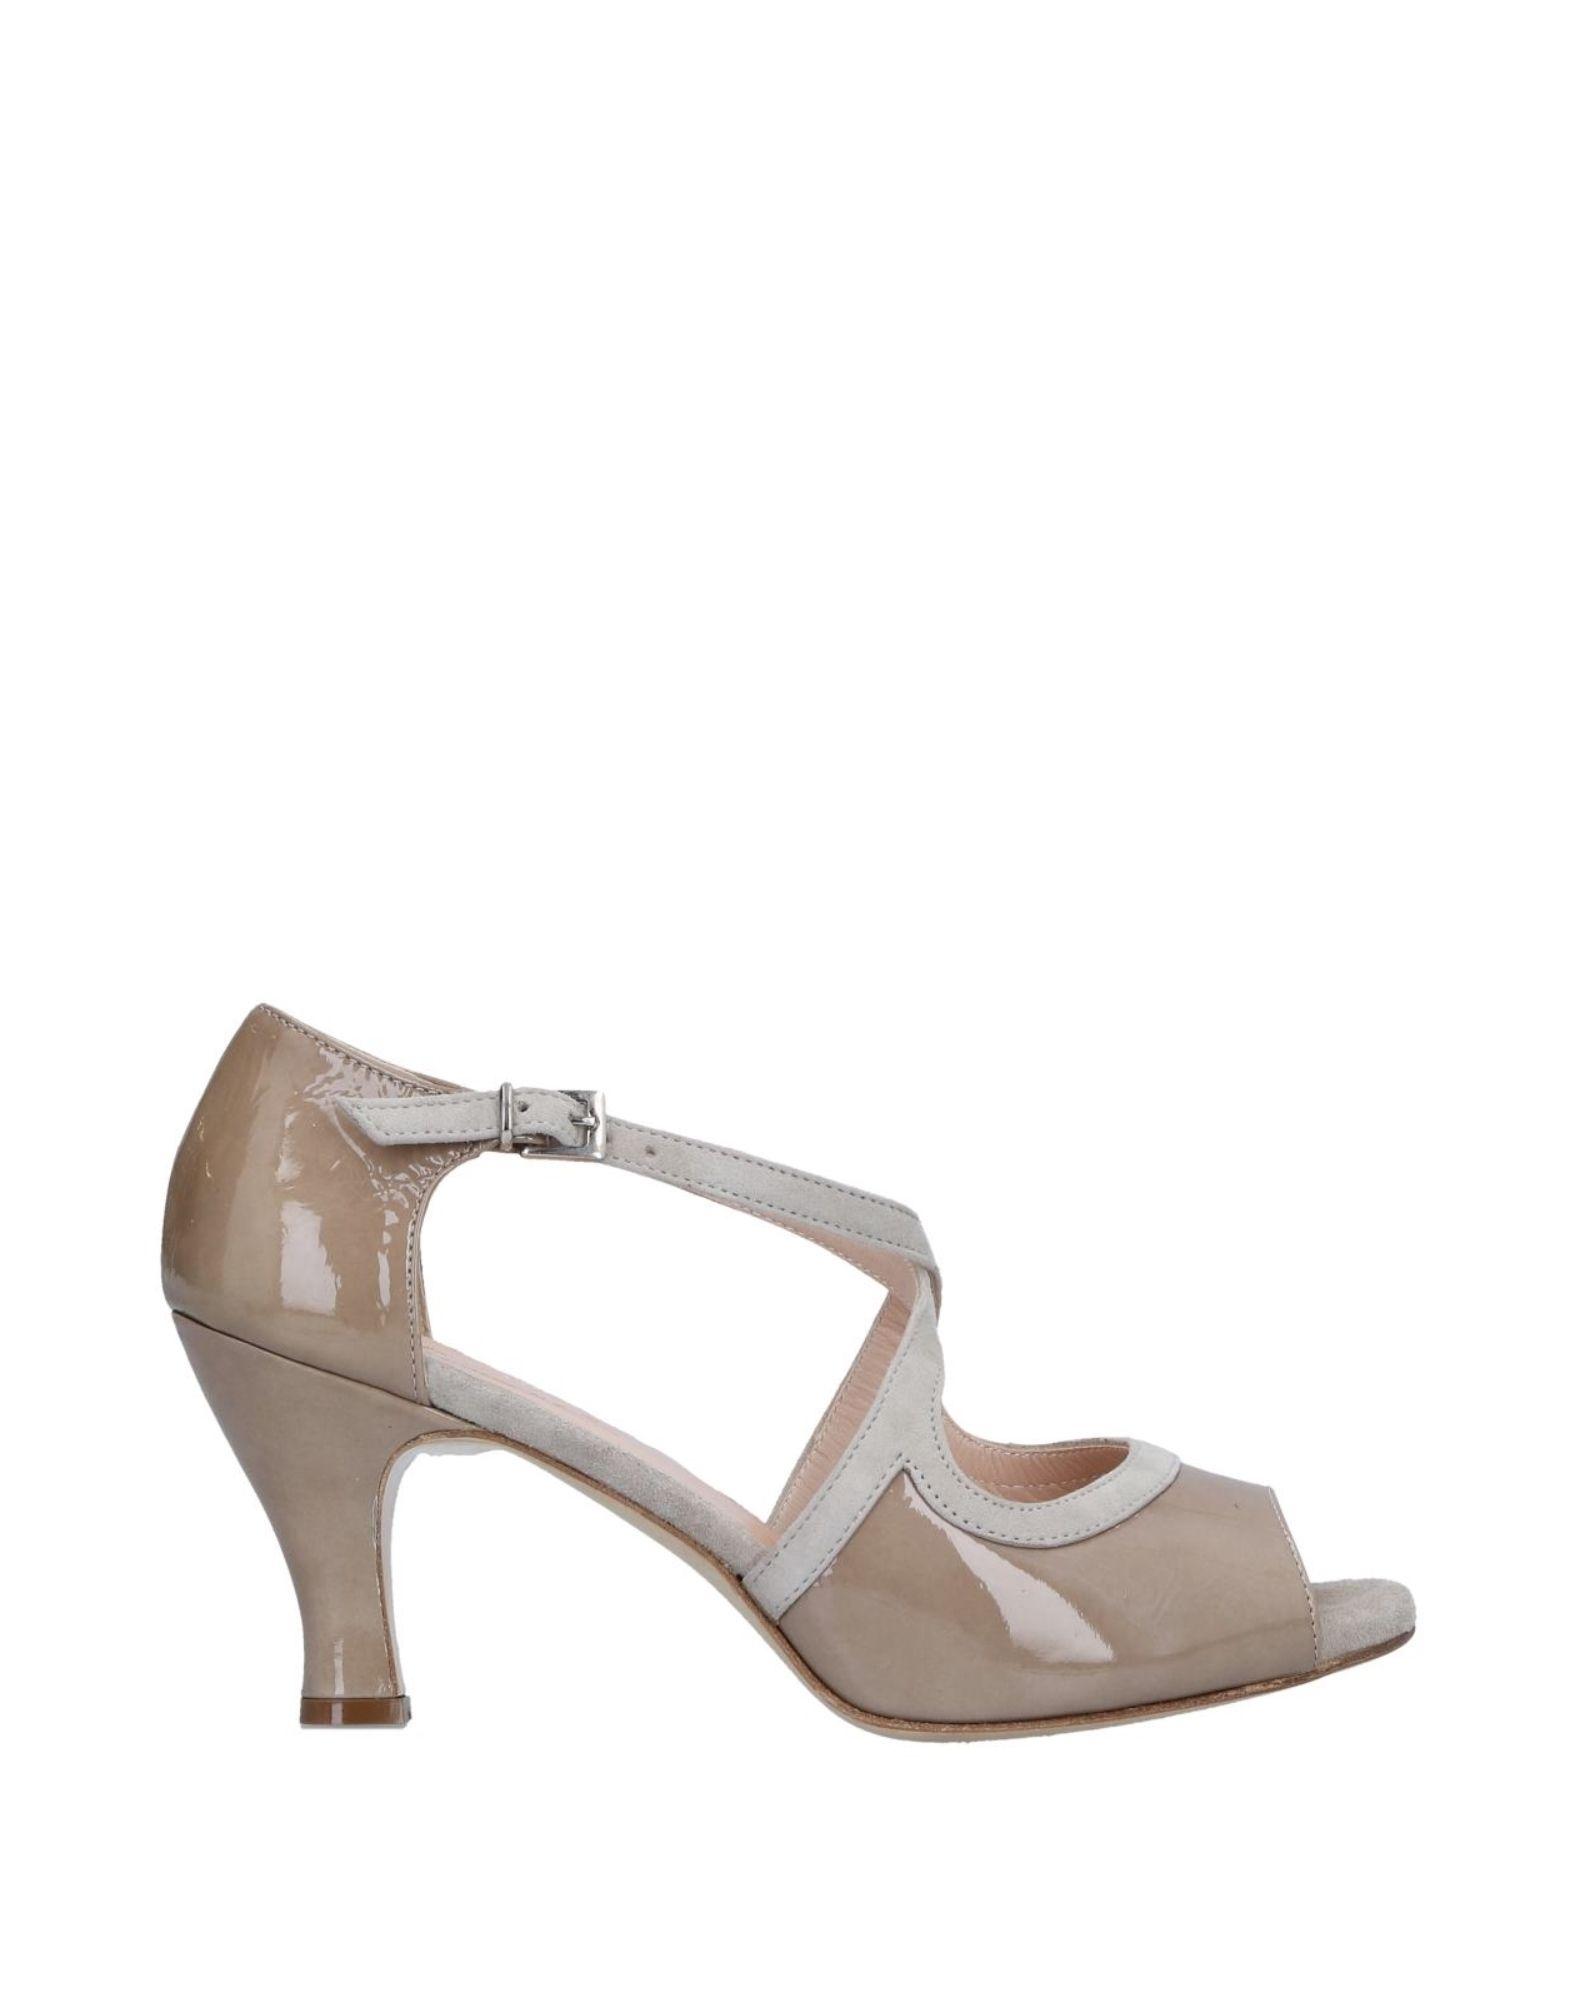 Tangerine Sandalen Damen  11528730KM Gute Qualität beliebte Schuhe